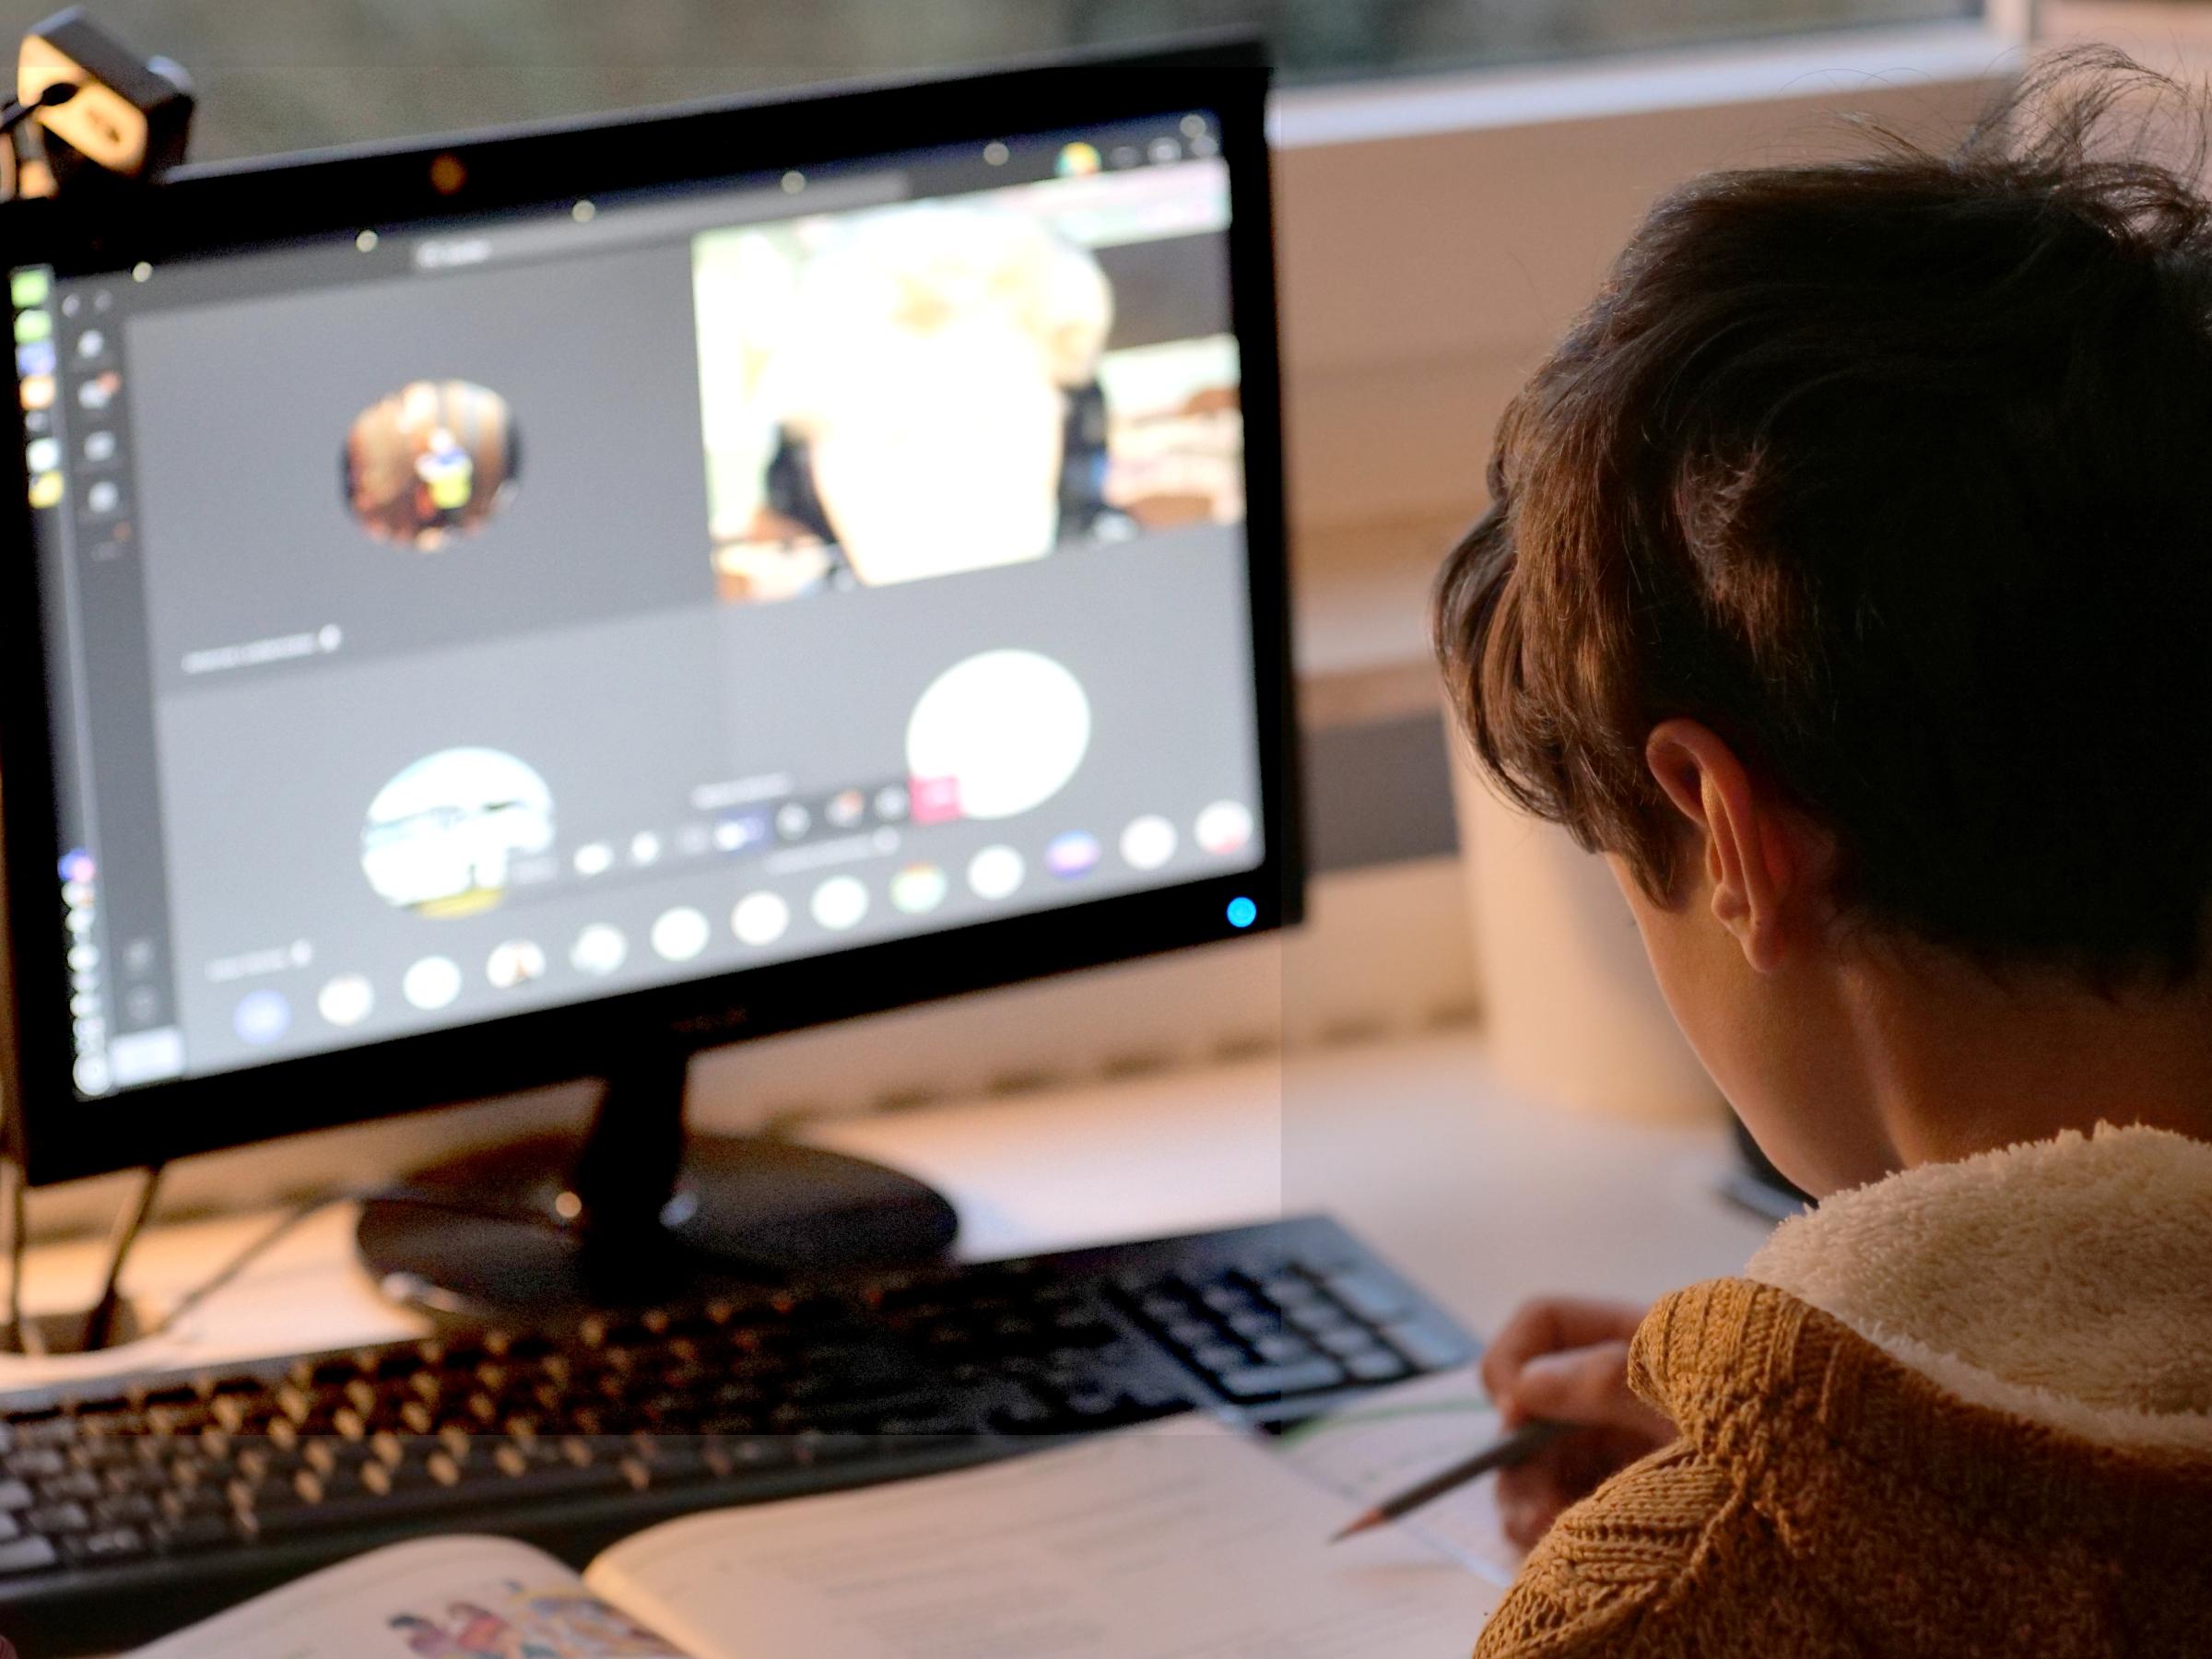 Công nghệ giáo dục (edtech) là một trong những lĩnh vực được dự đoán bùng nổ trong thời gian tới. Ảnh: Pixabay.